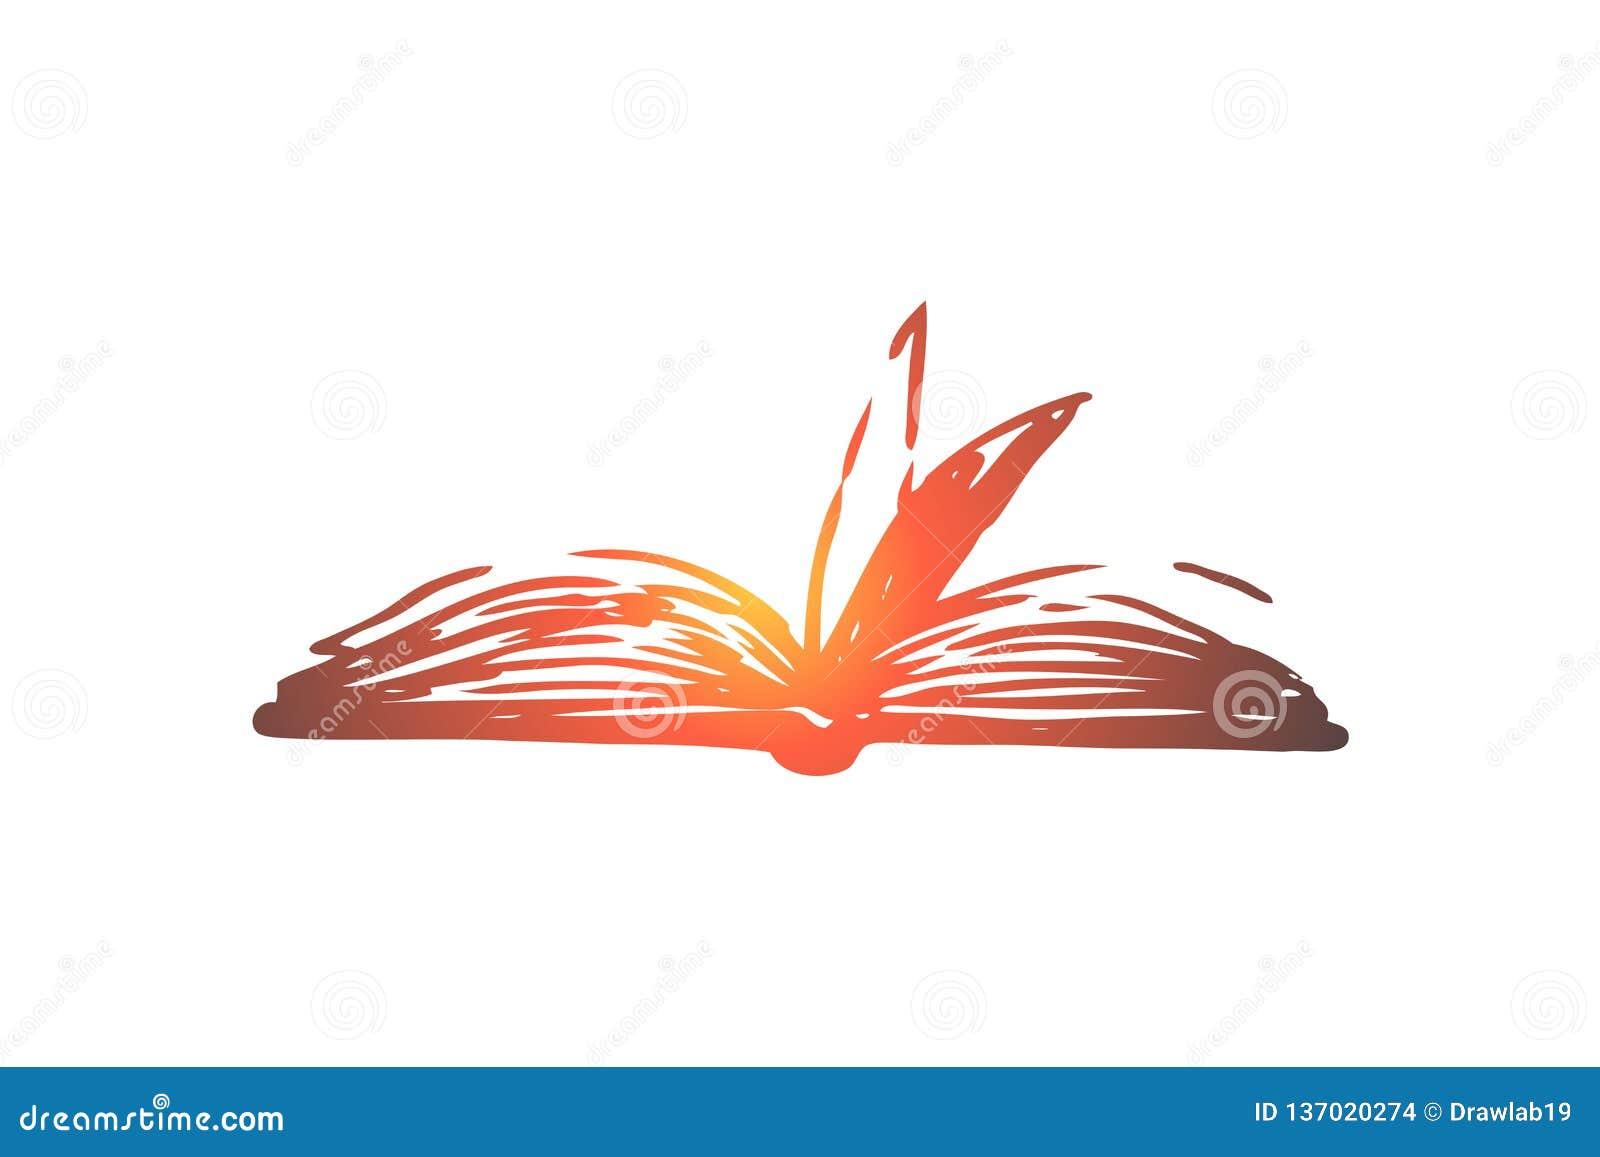 Książkowy, otwarty, papierowy, literatura, wiedzy pojęcie Ręka rysujący odosobniony wektor